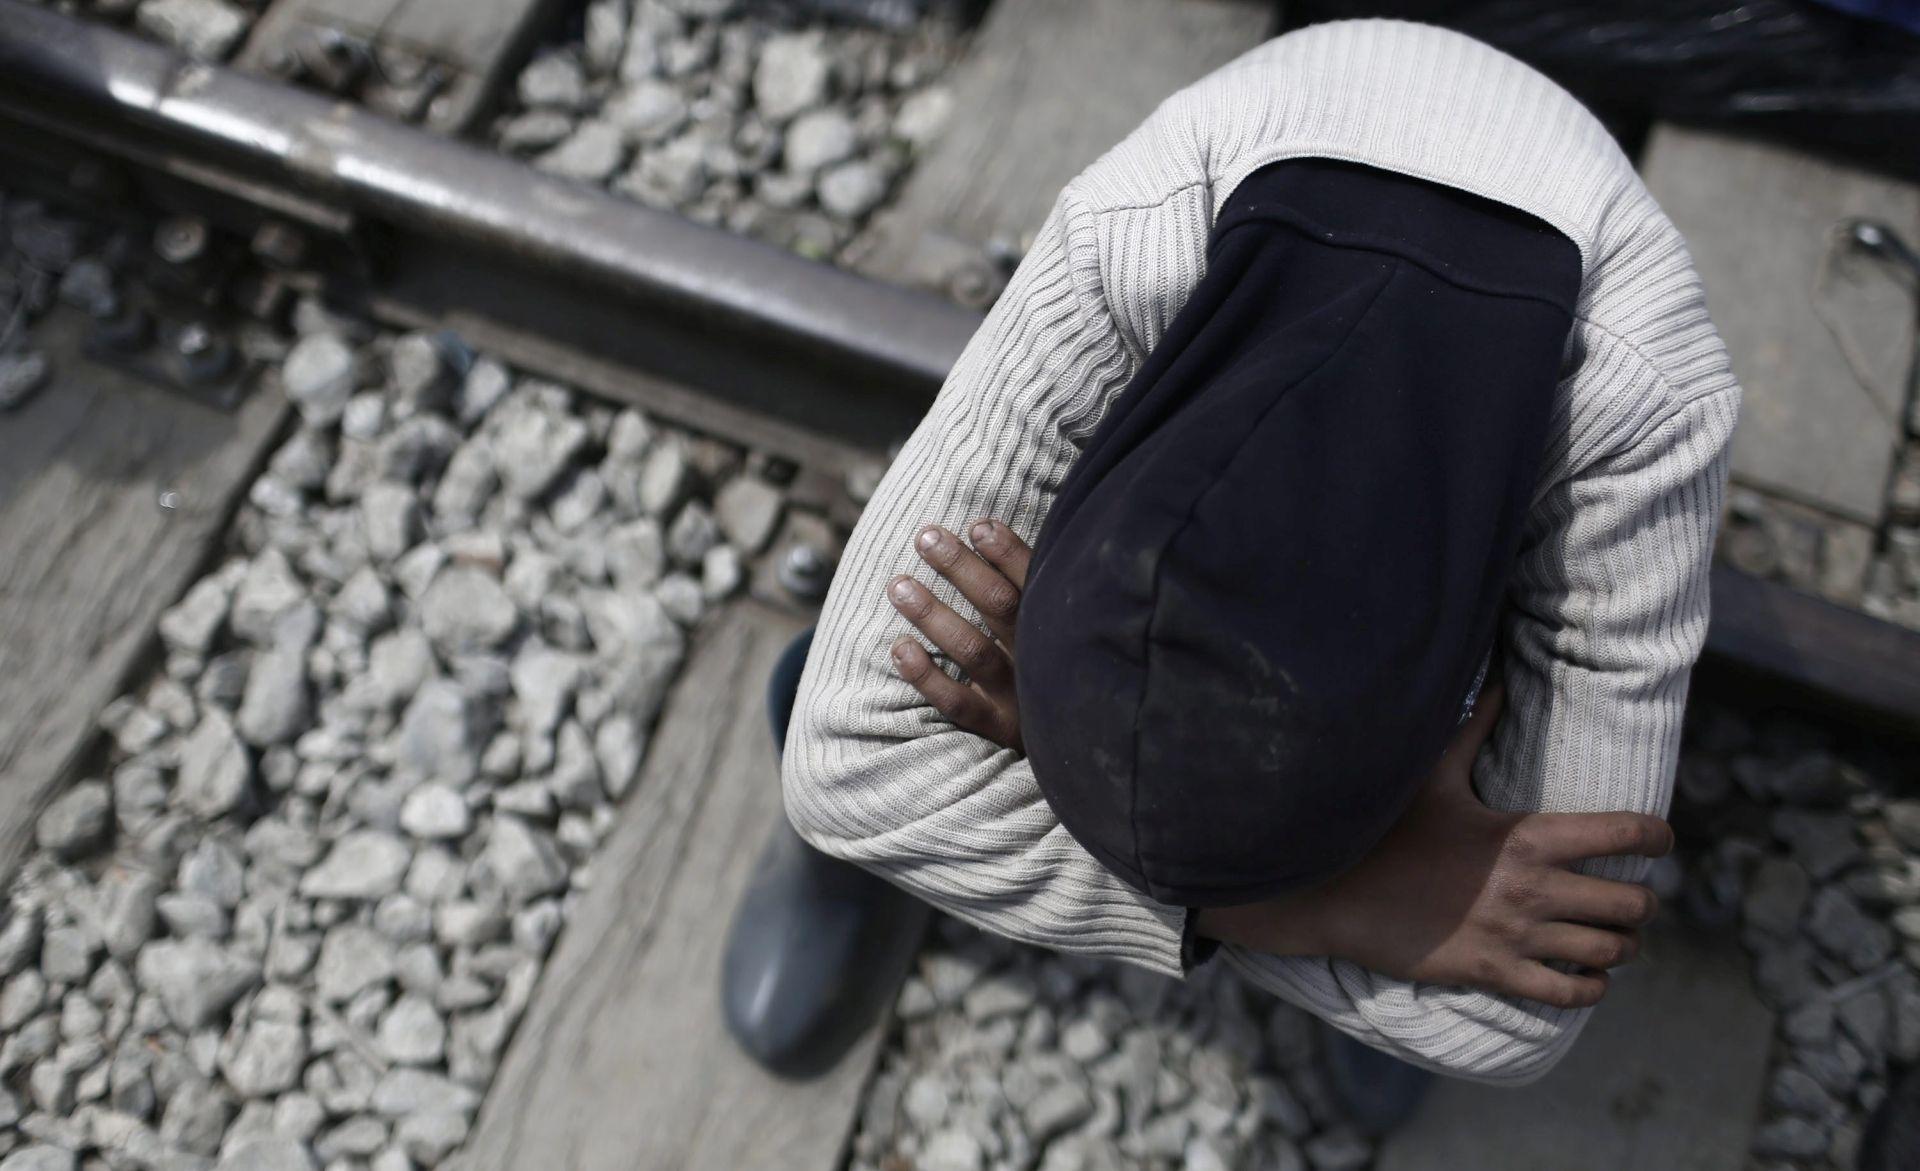 Britanija će prihvatiti djecu migrante koji su sami stigli u Europu